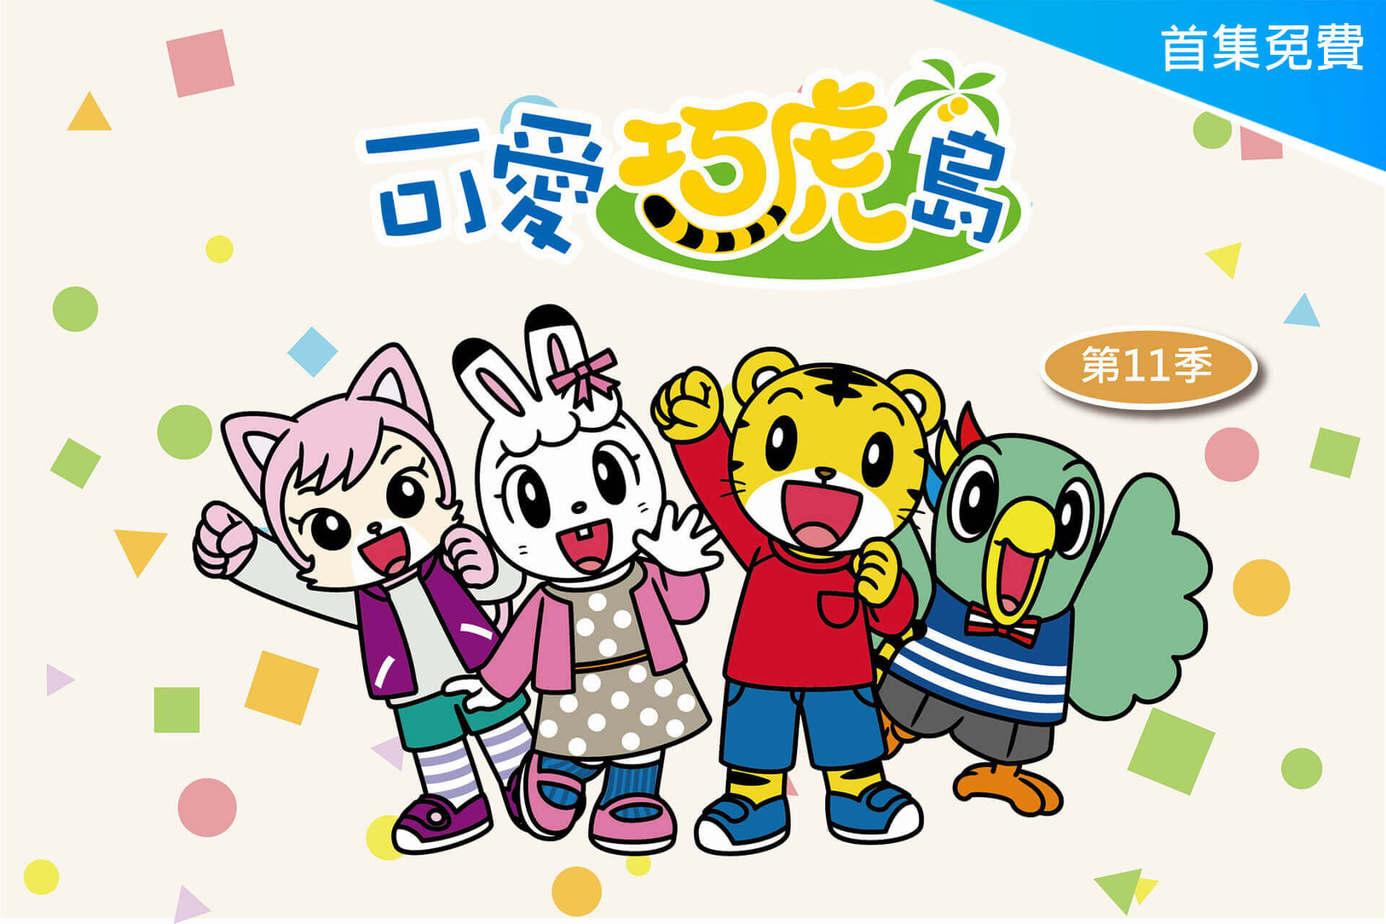 可愛巧虎島第11季